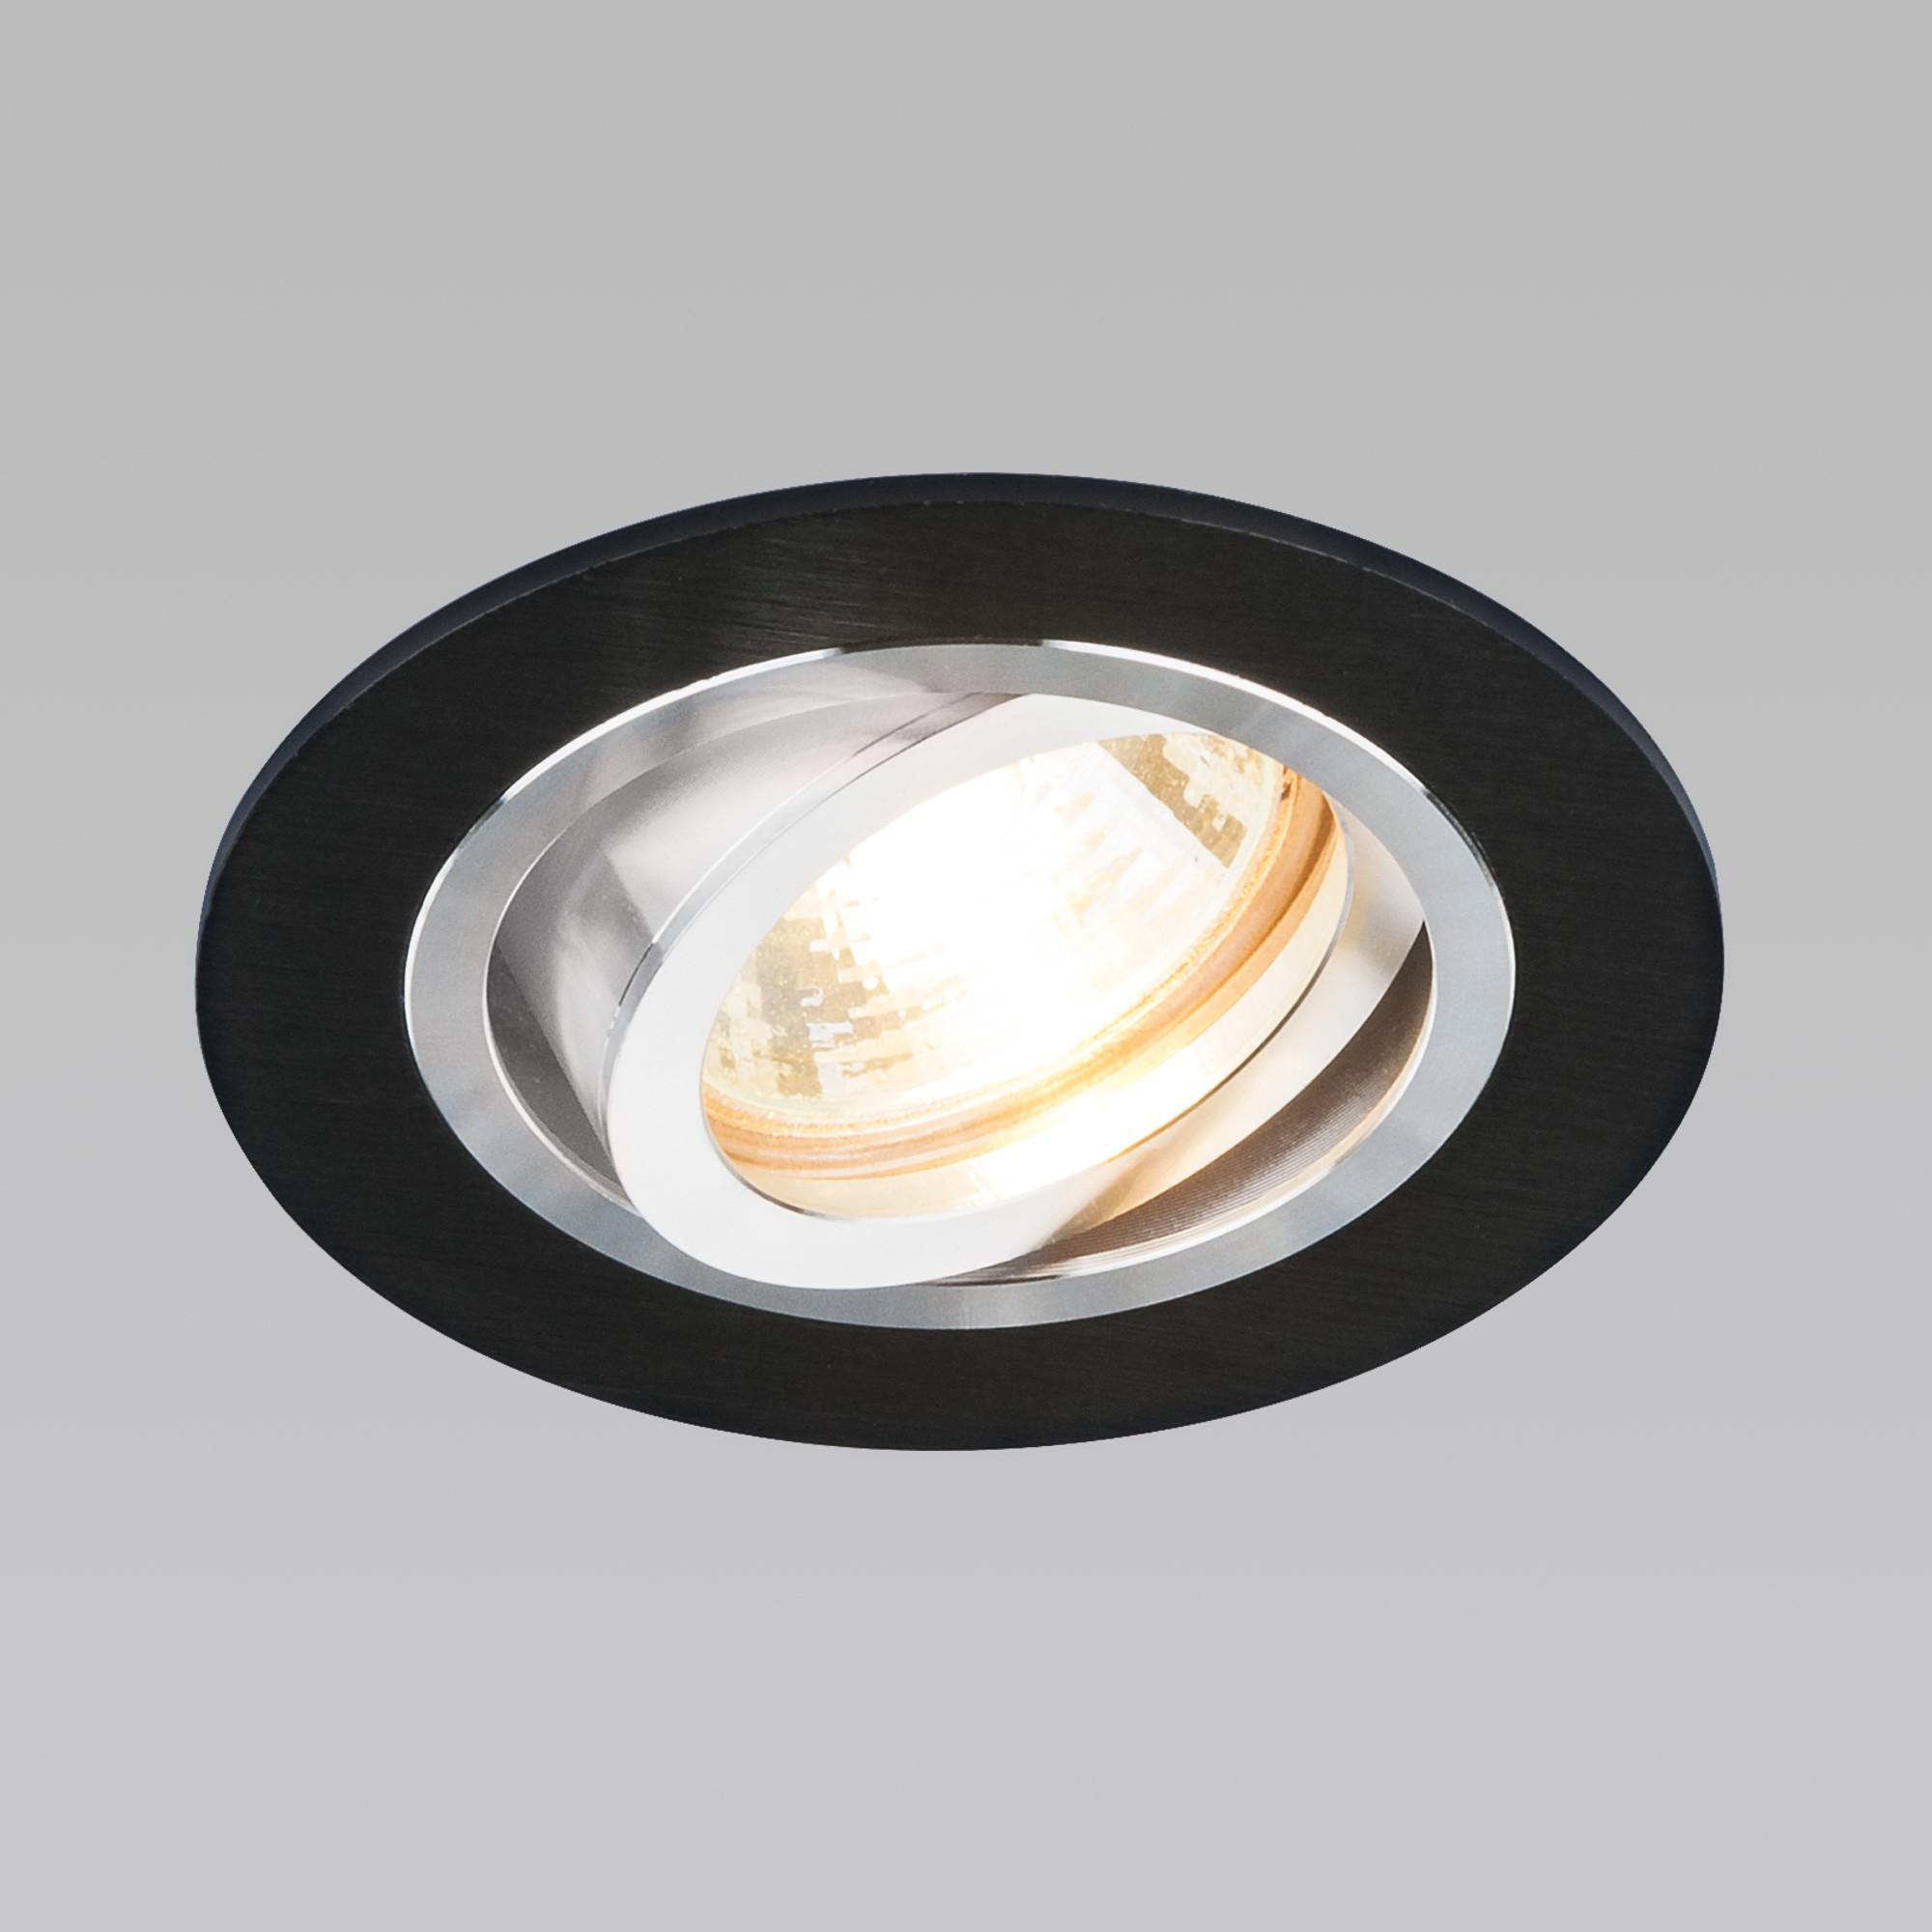 Фото Встраиваемый светильник Elektrostandard 1061 a036413